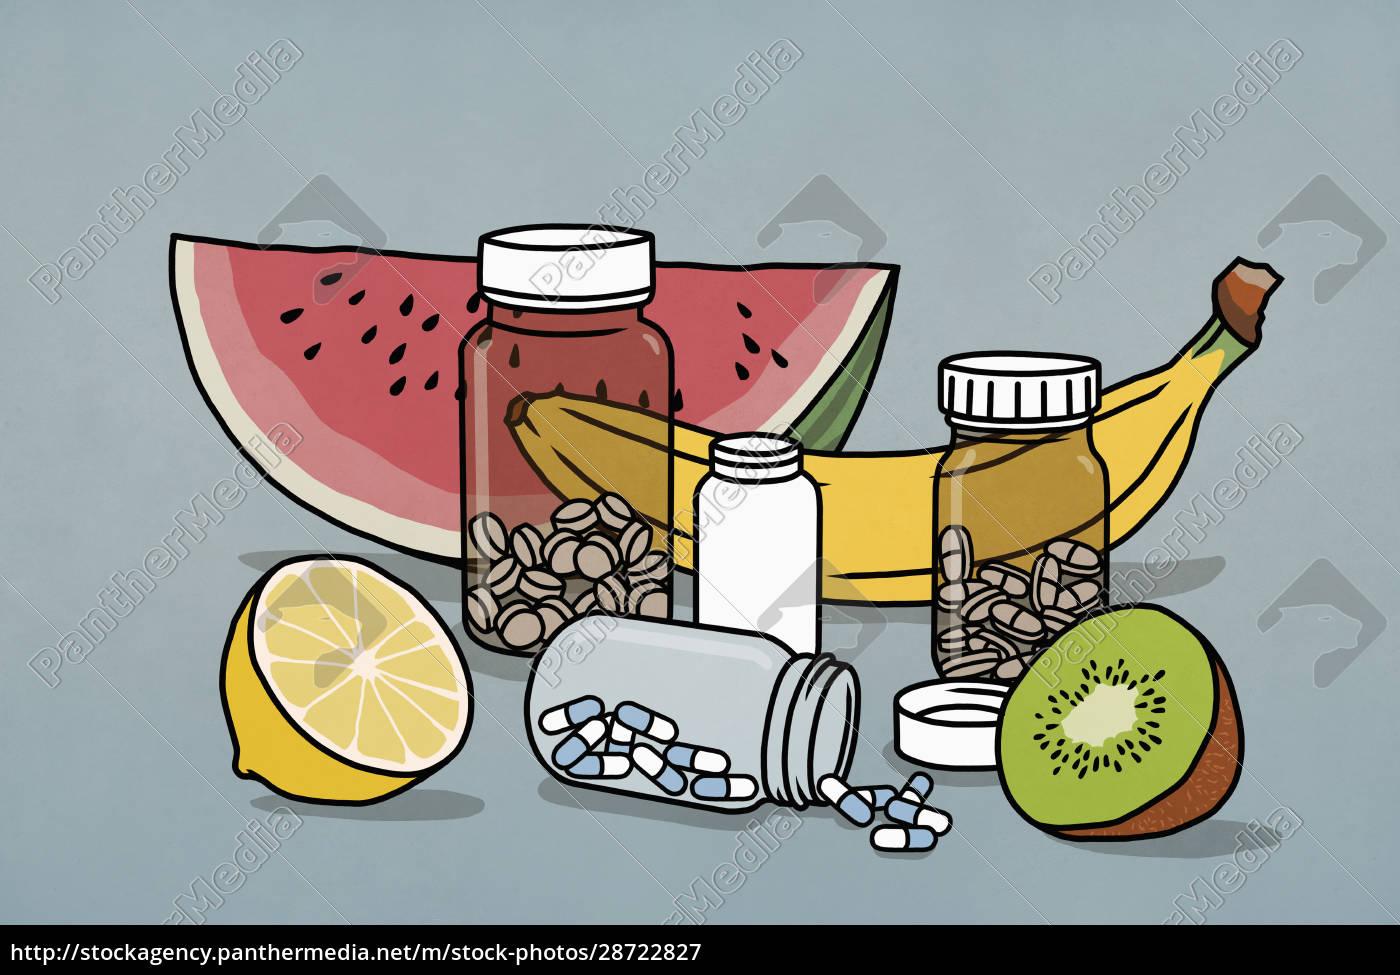 botellas, de, medicamentos, de, frutas, y - 28722827